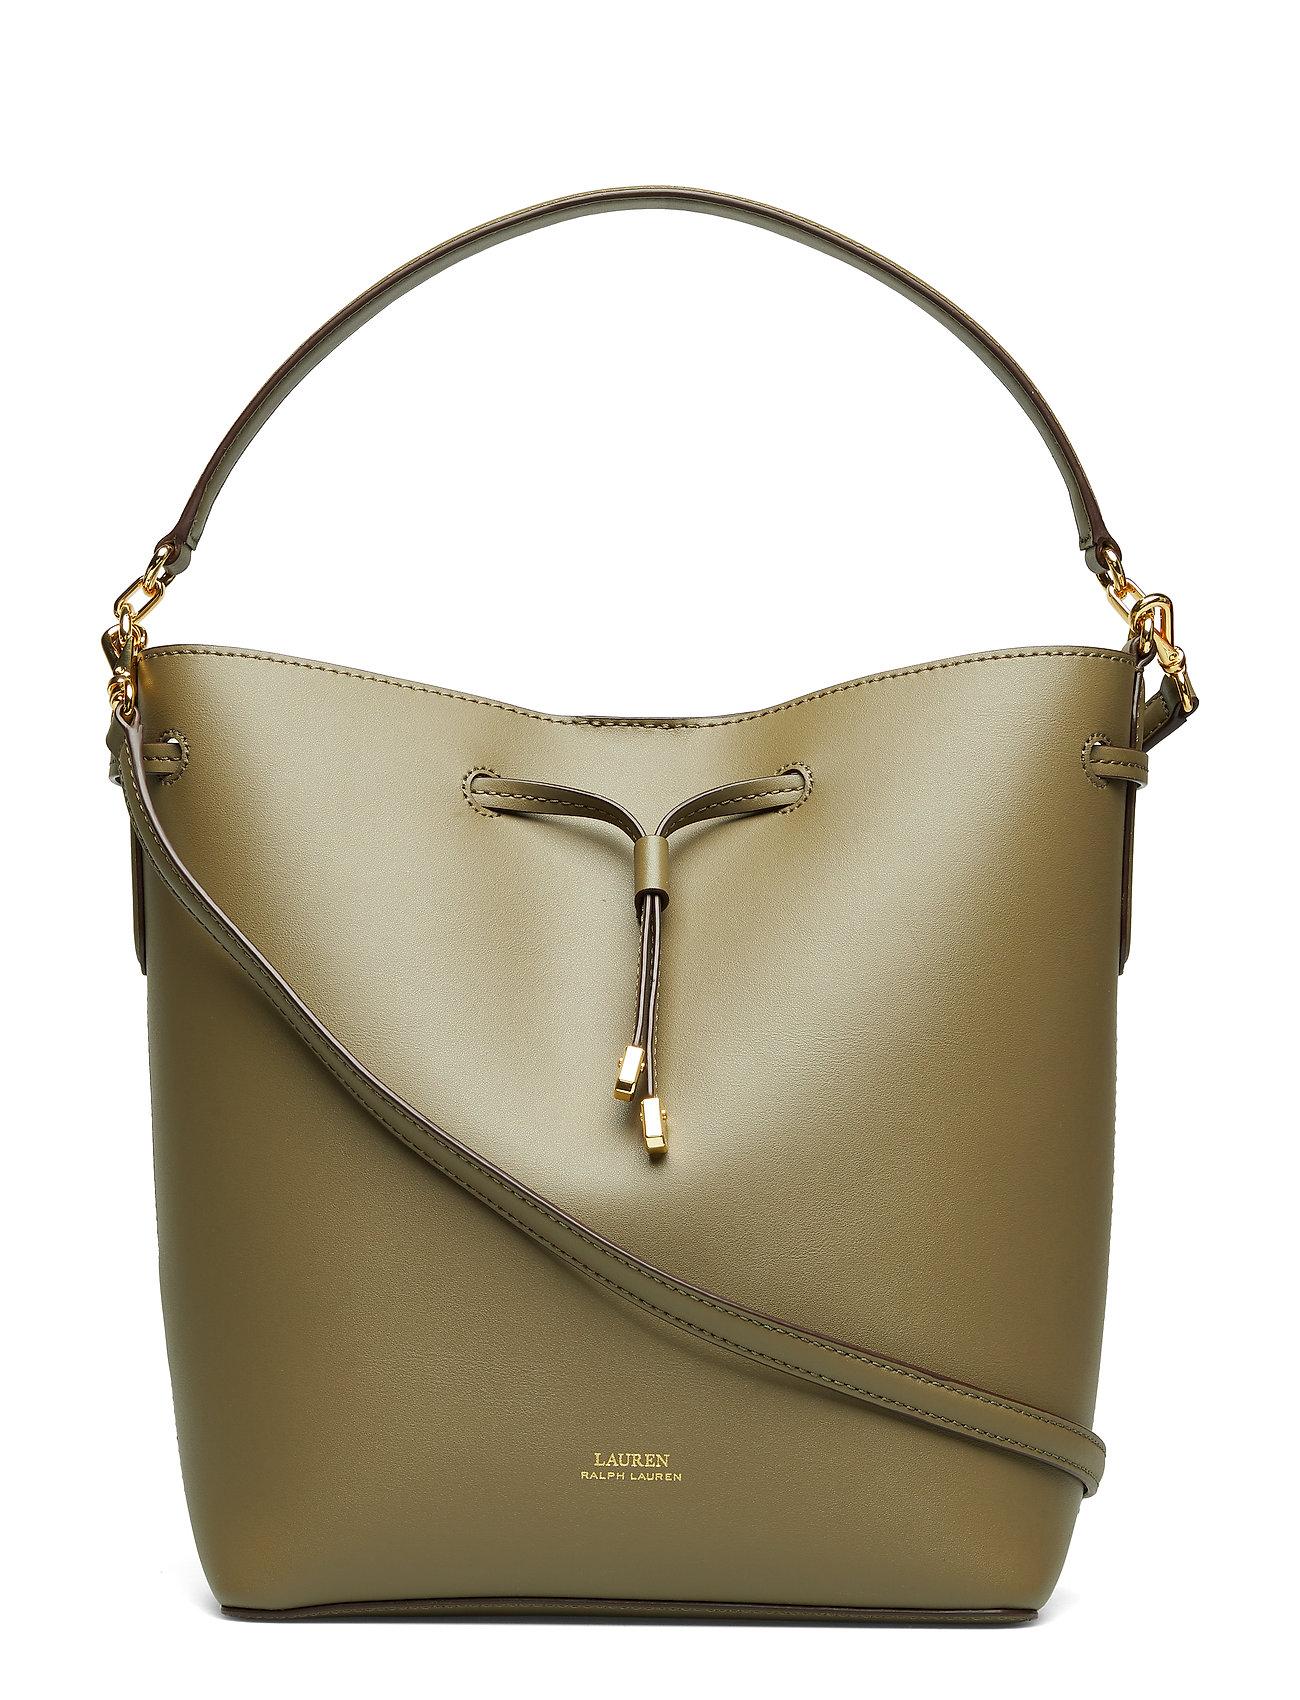 Lauren Ralph Lauren Leather Debby Drawstring Bag - SAGE/VANILLA